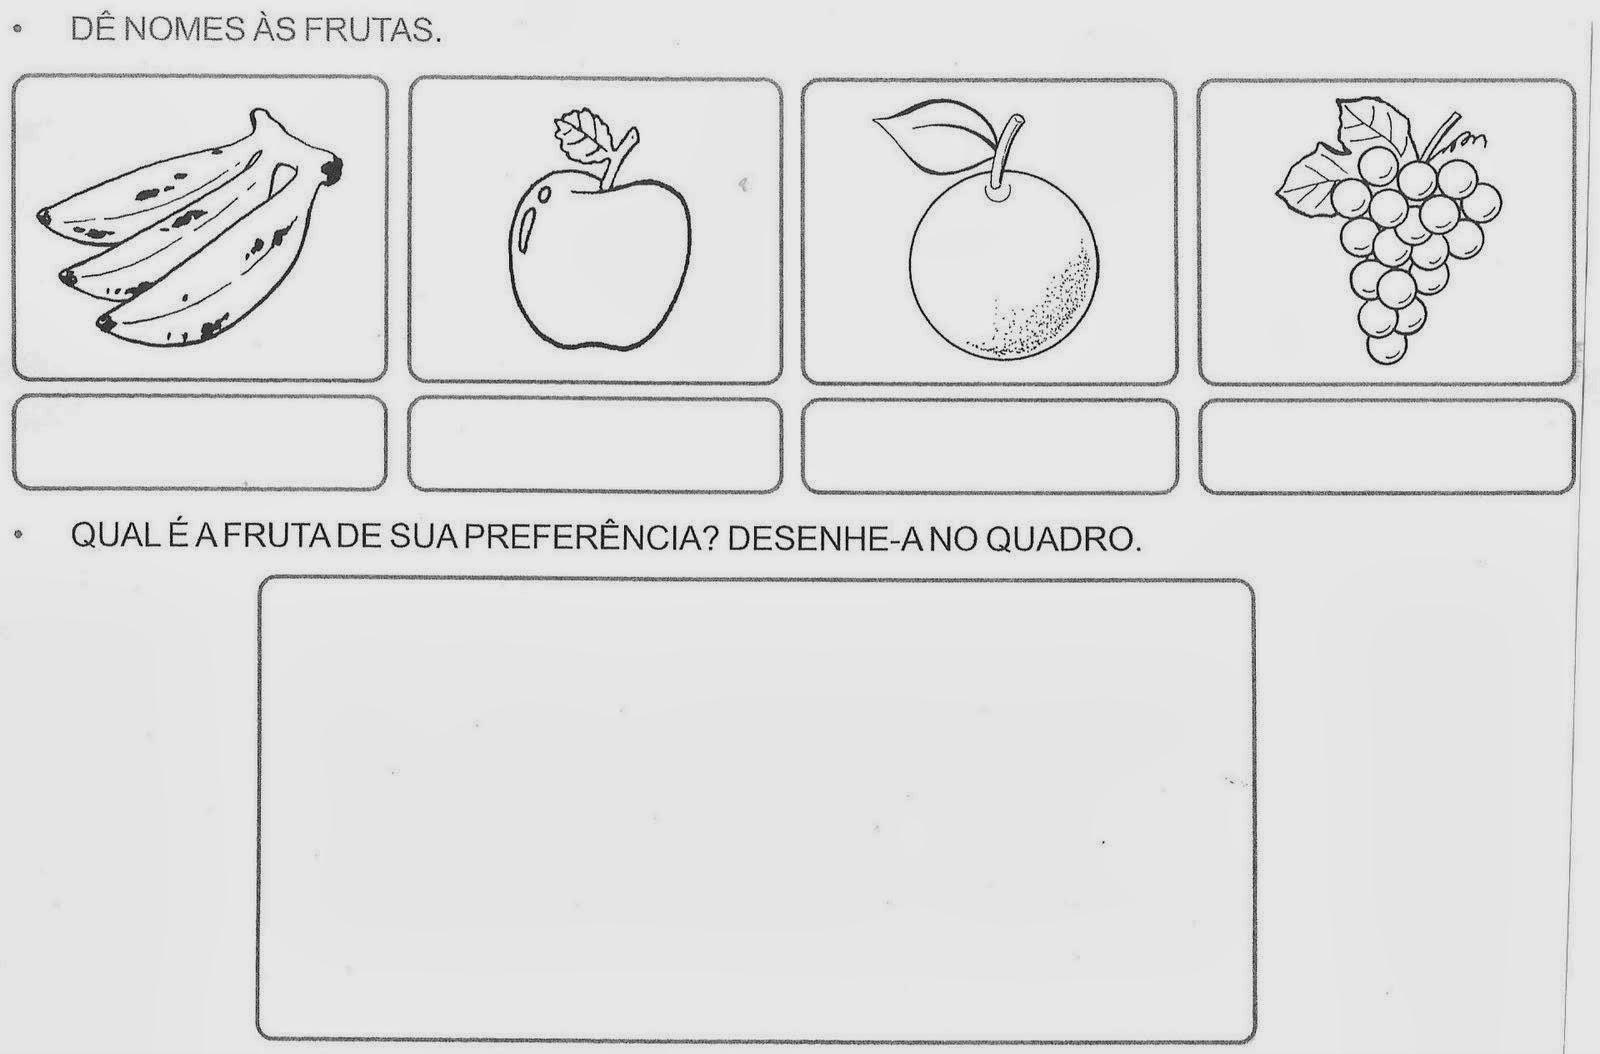 Atividades para Crianças - Dê nomes as frutas